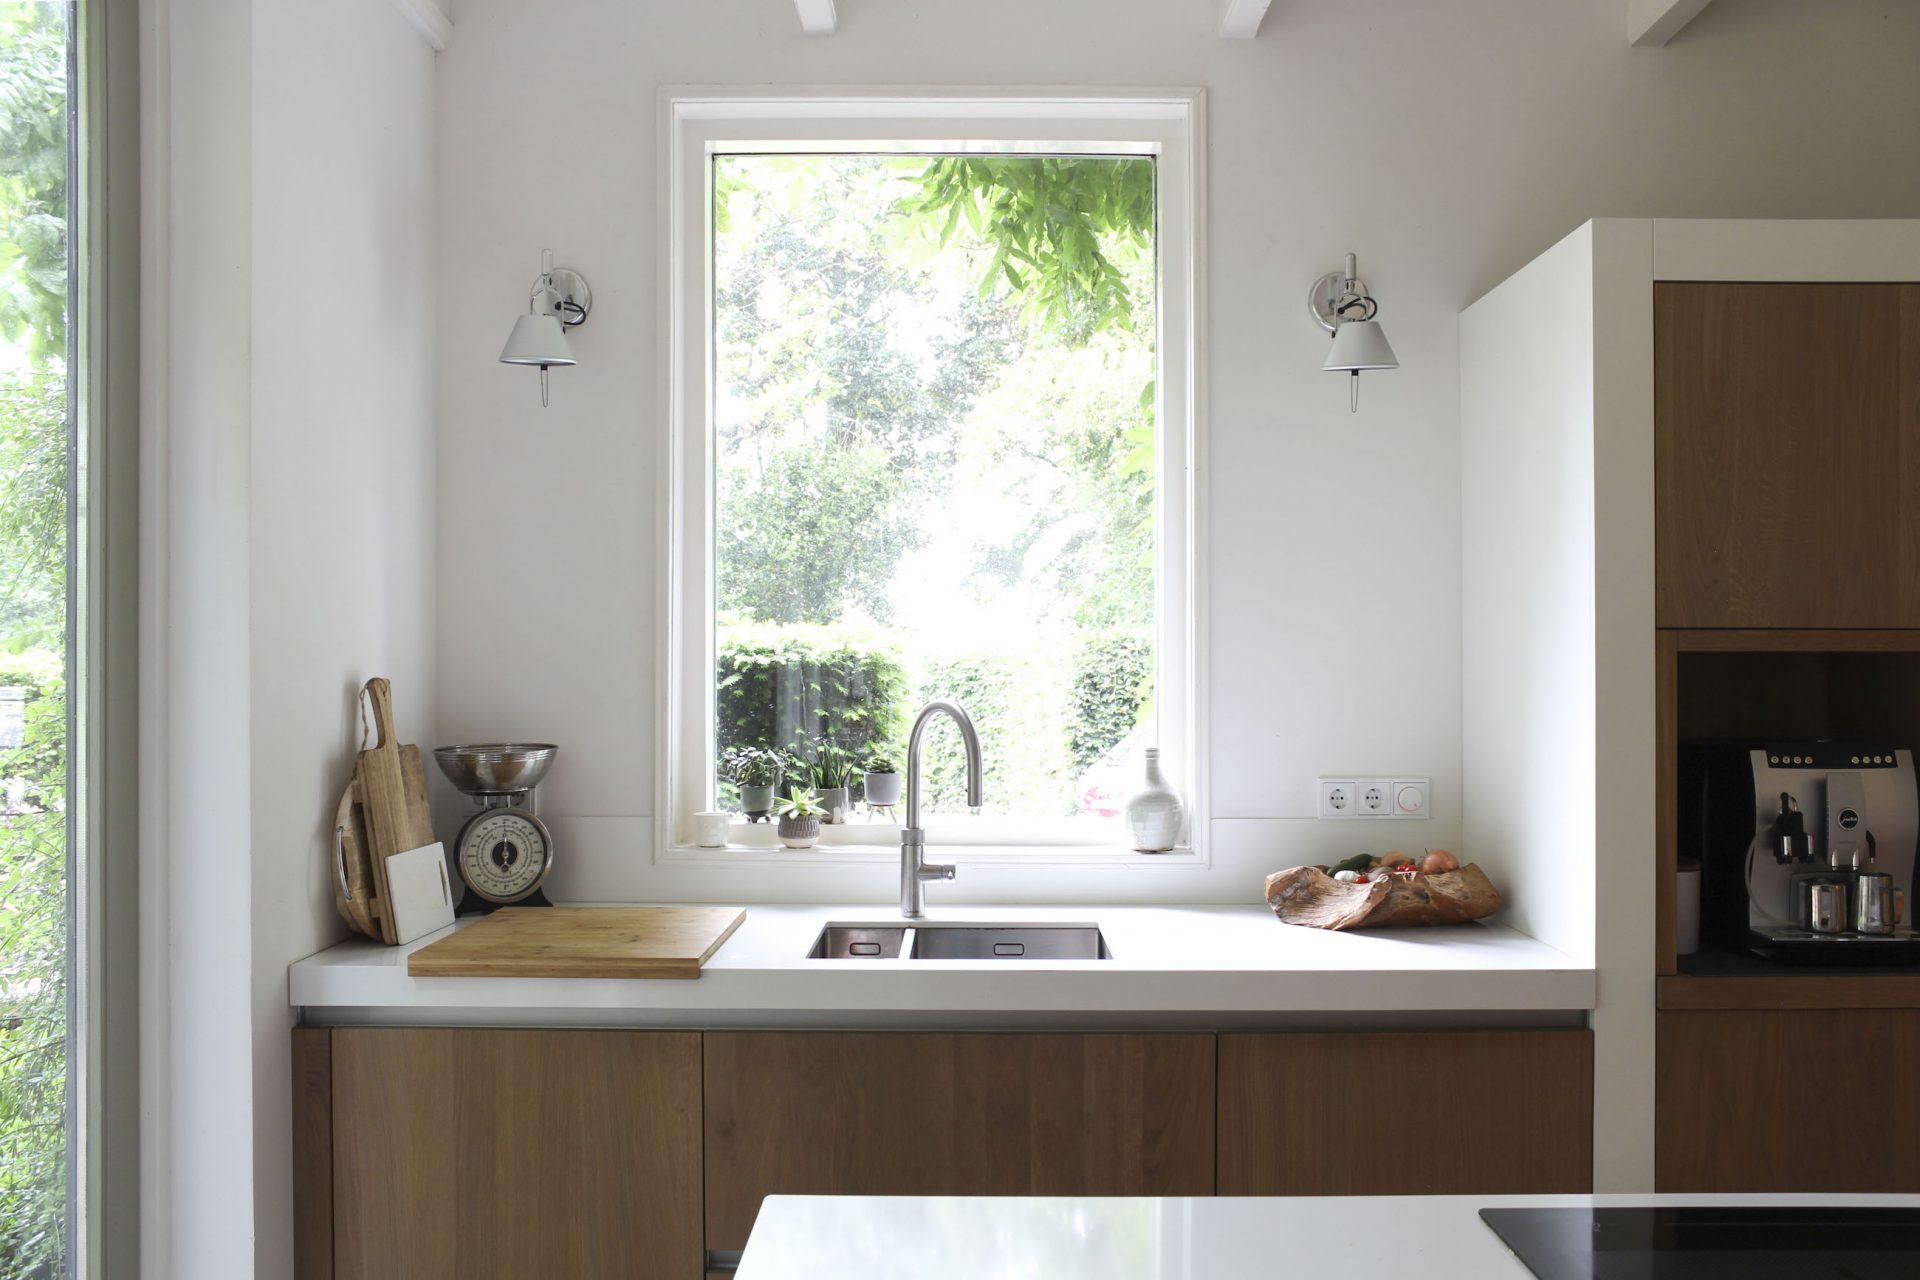 Maatwerk keuken Interieurontwerp met rechts een nis met koffiezetapparaat en links een spoelbak.